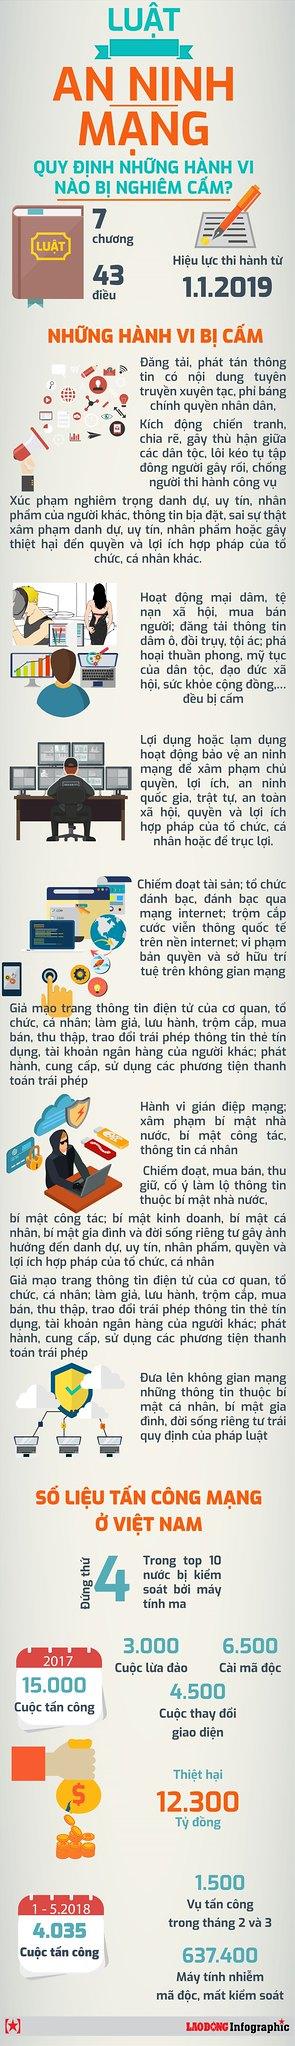 Luat-An-Ninh-Mang-trangtinphapluat